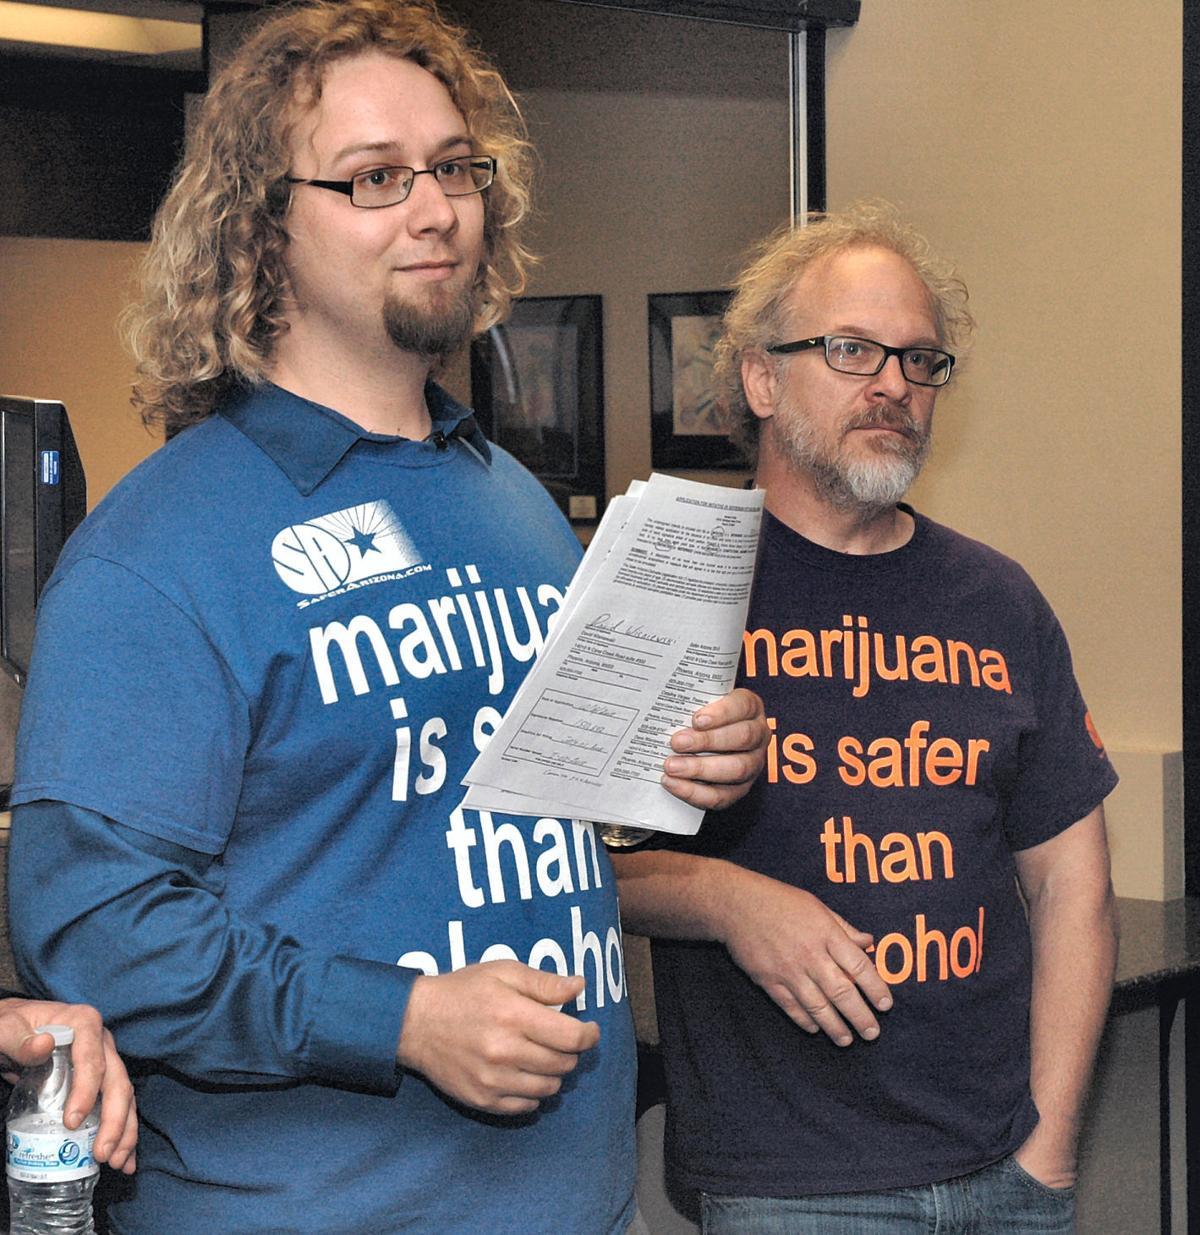 Campaign for legalized marijuana use